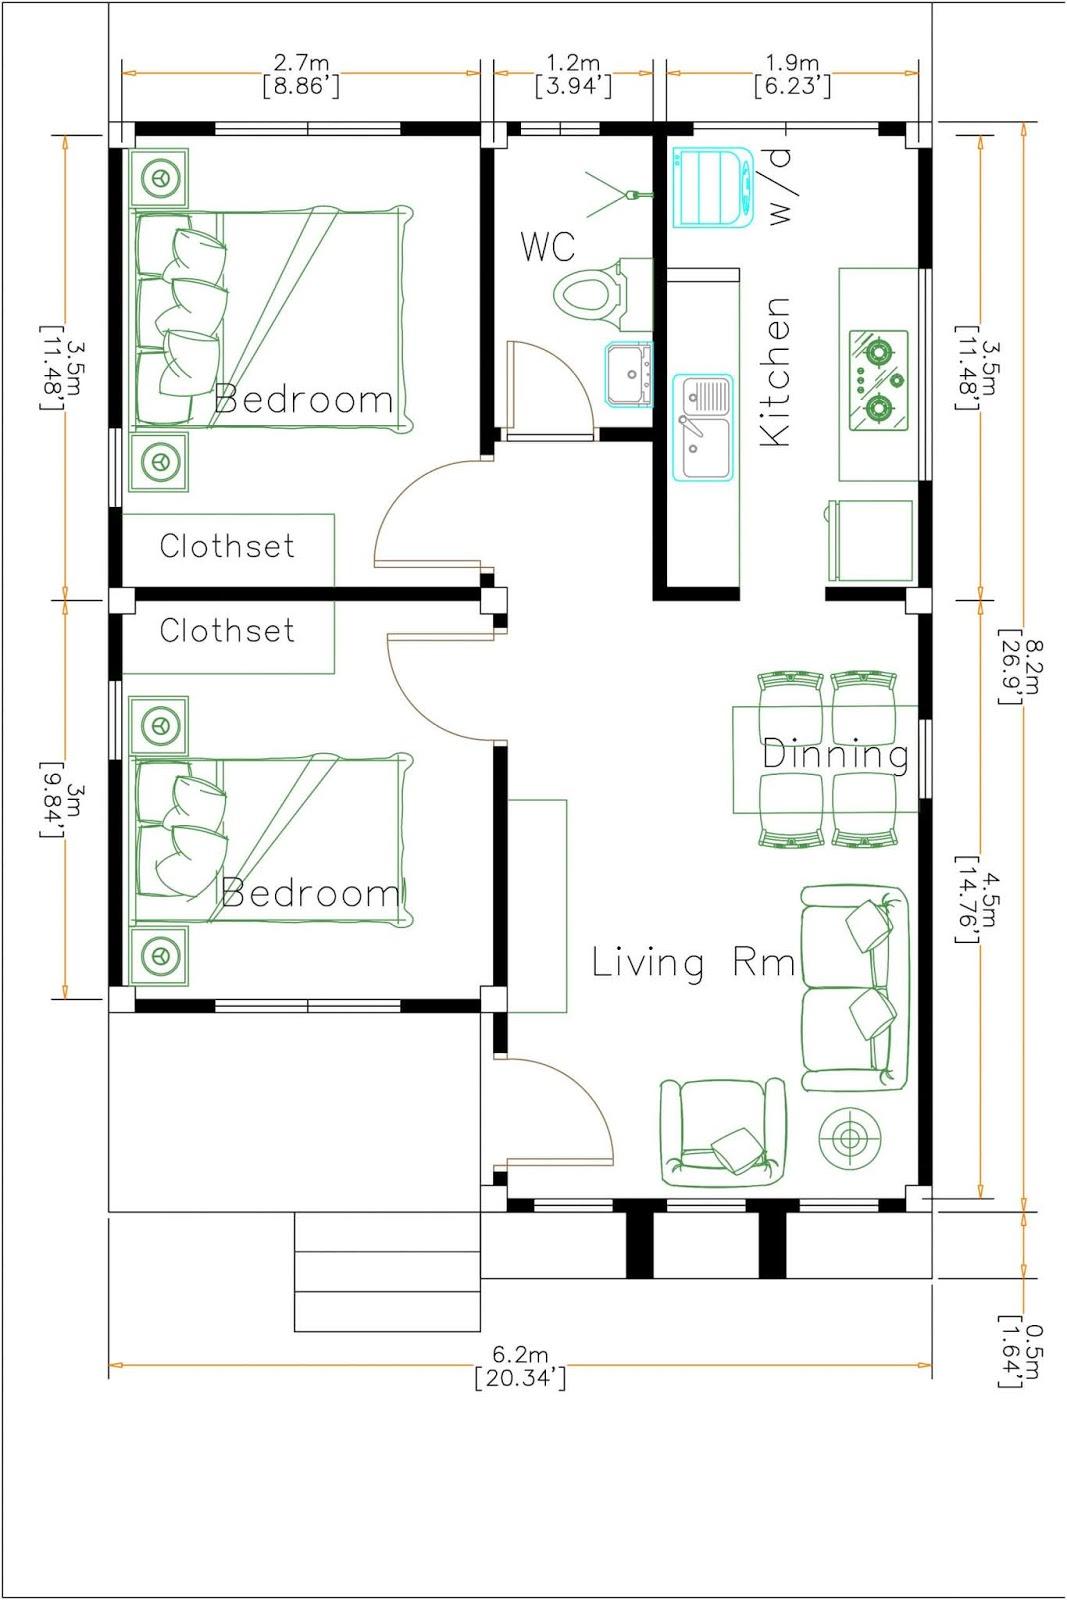 30 Conception De Petite Maison Plan Architecture